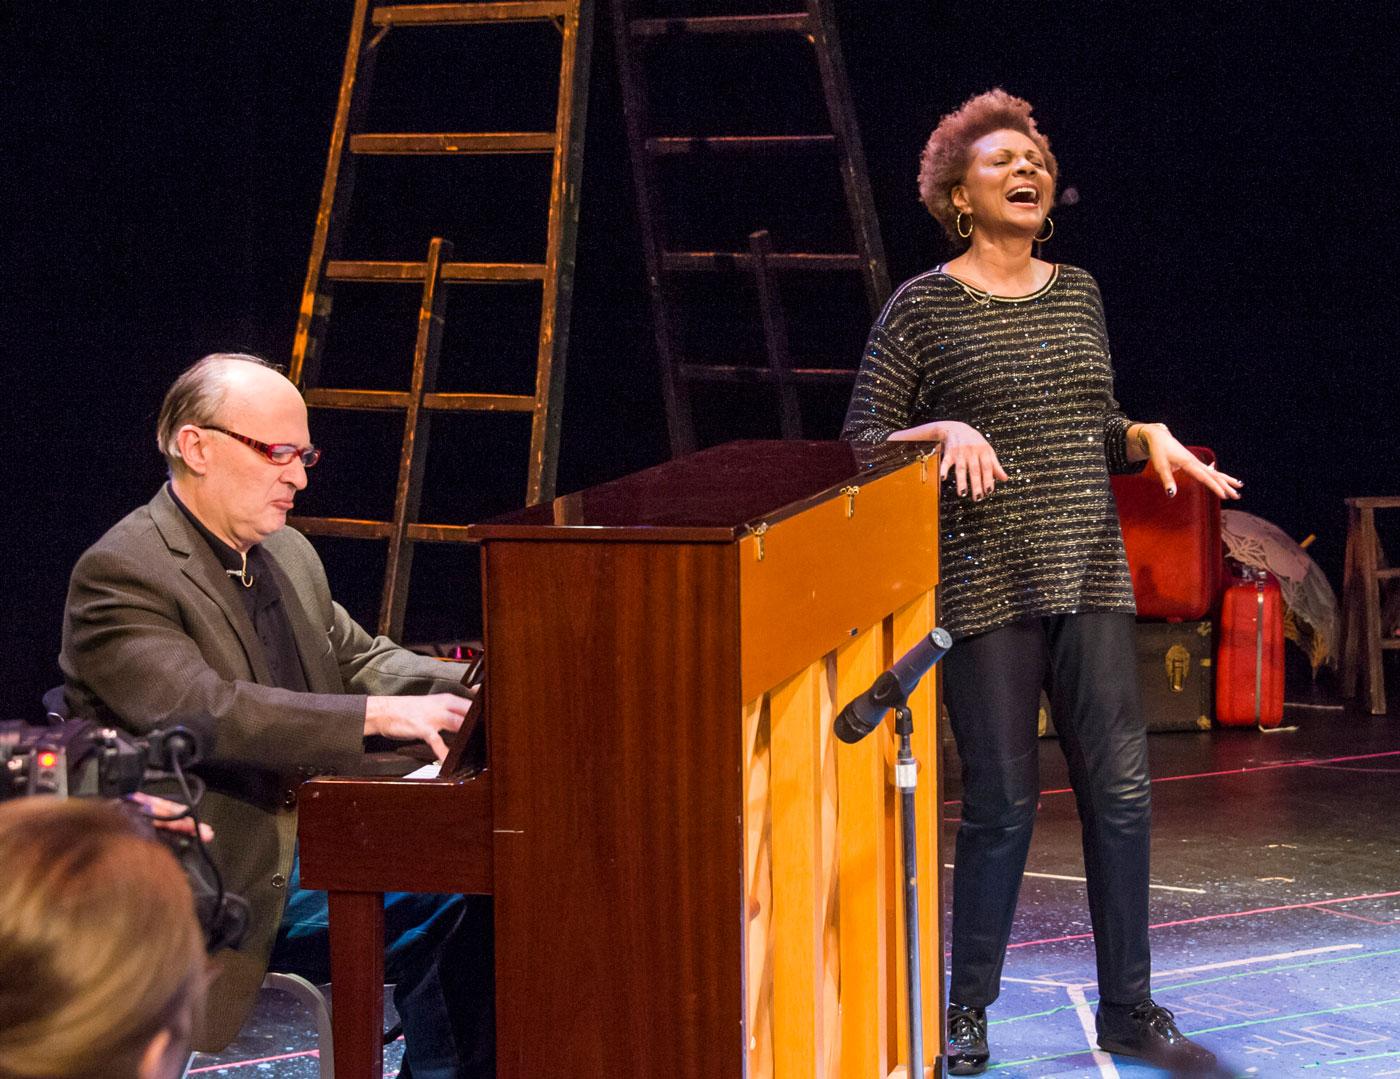 Leslie Uggams singing